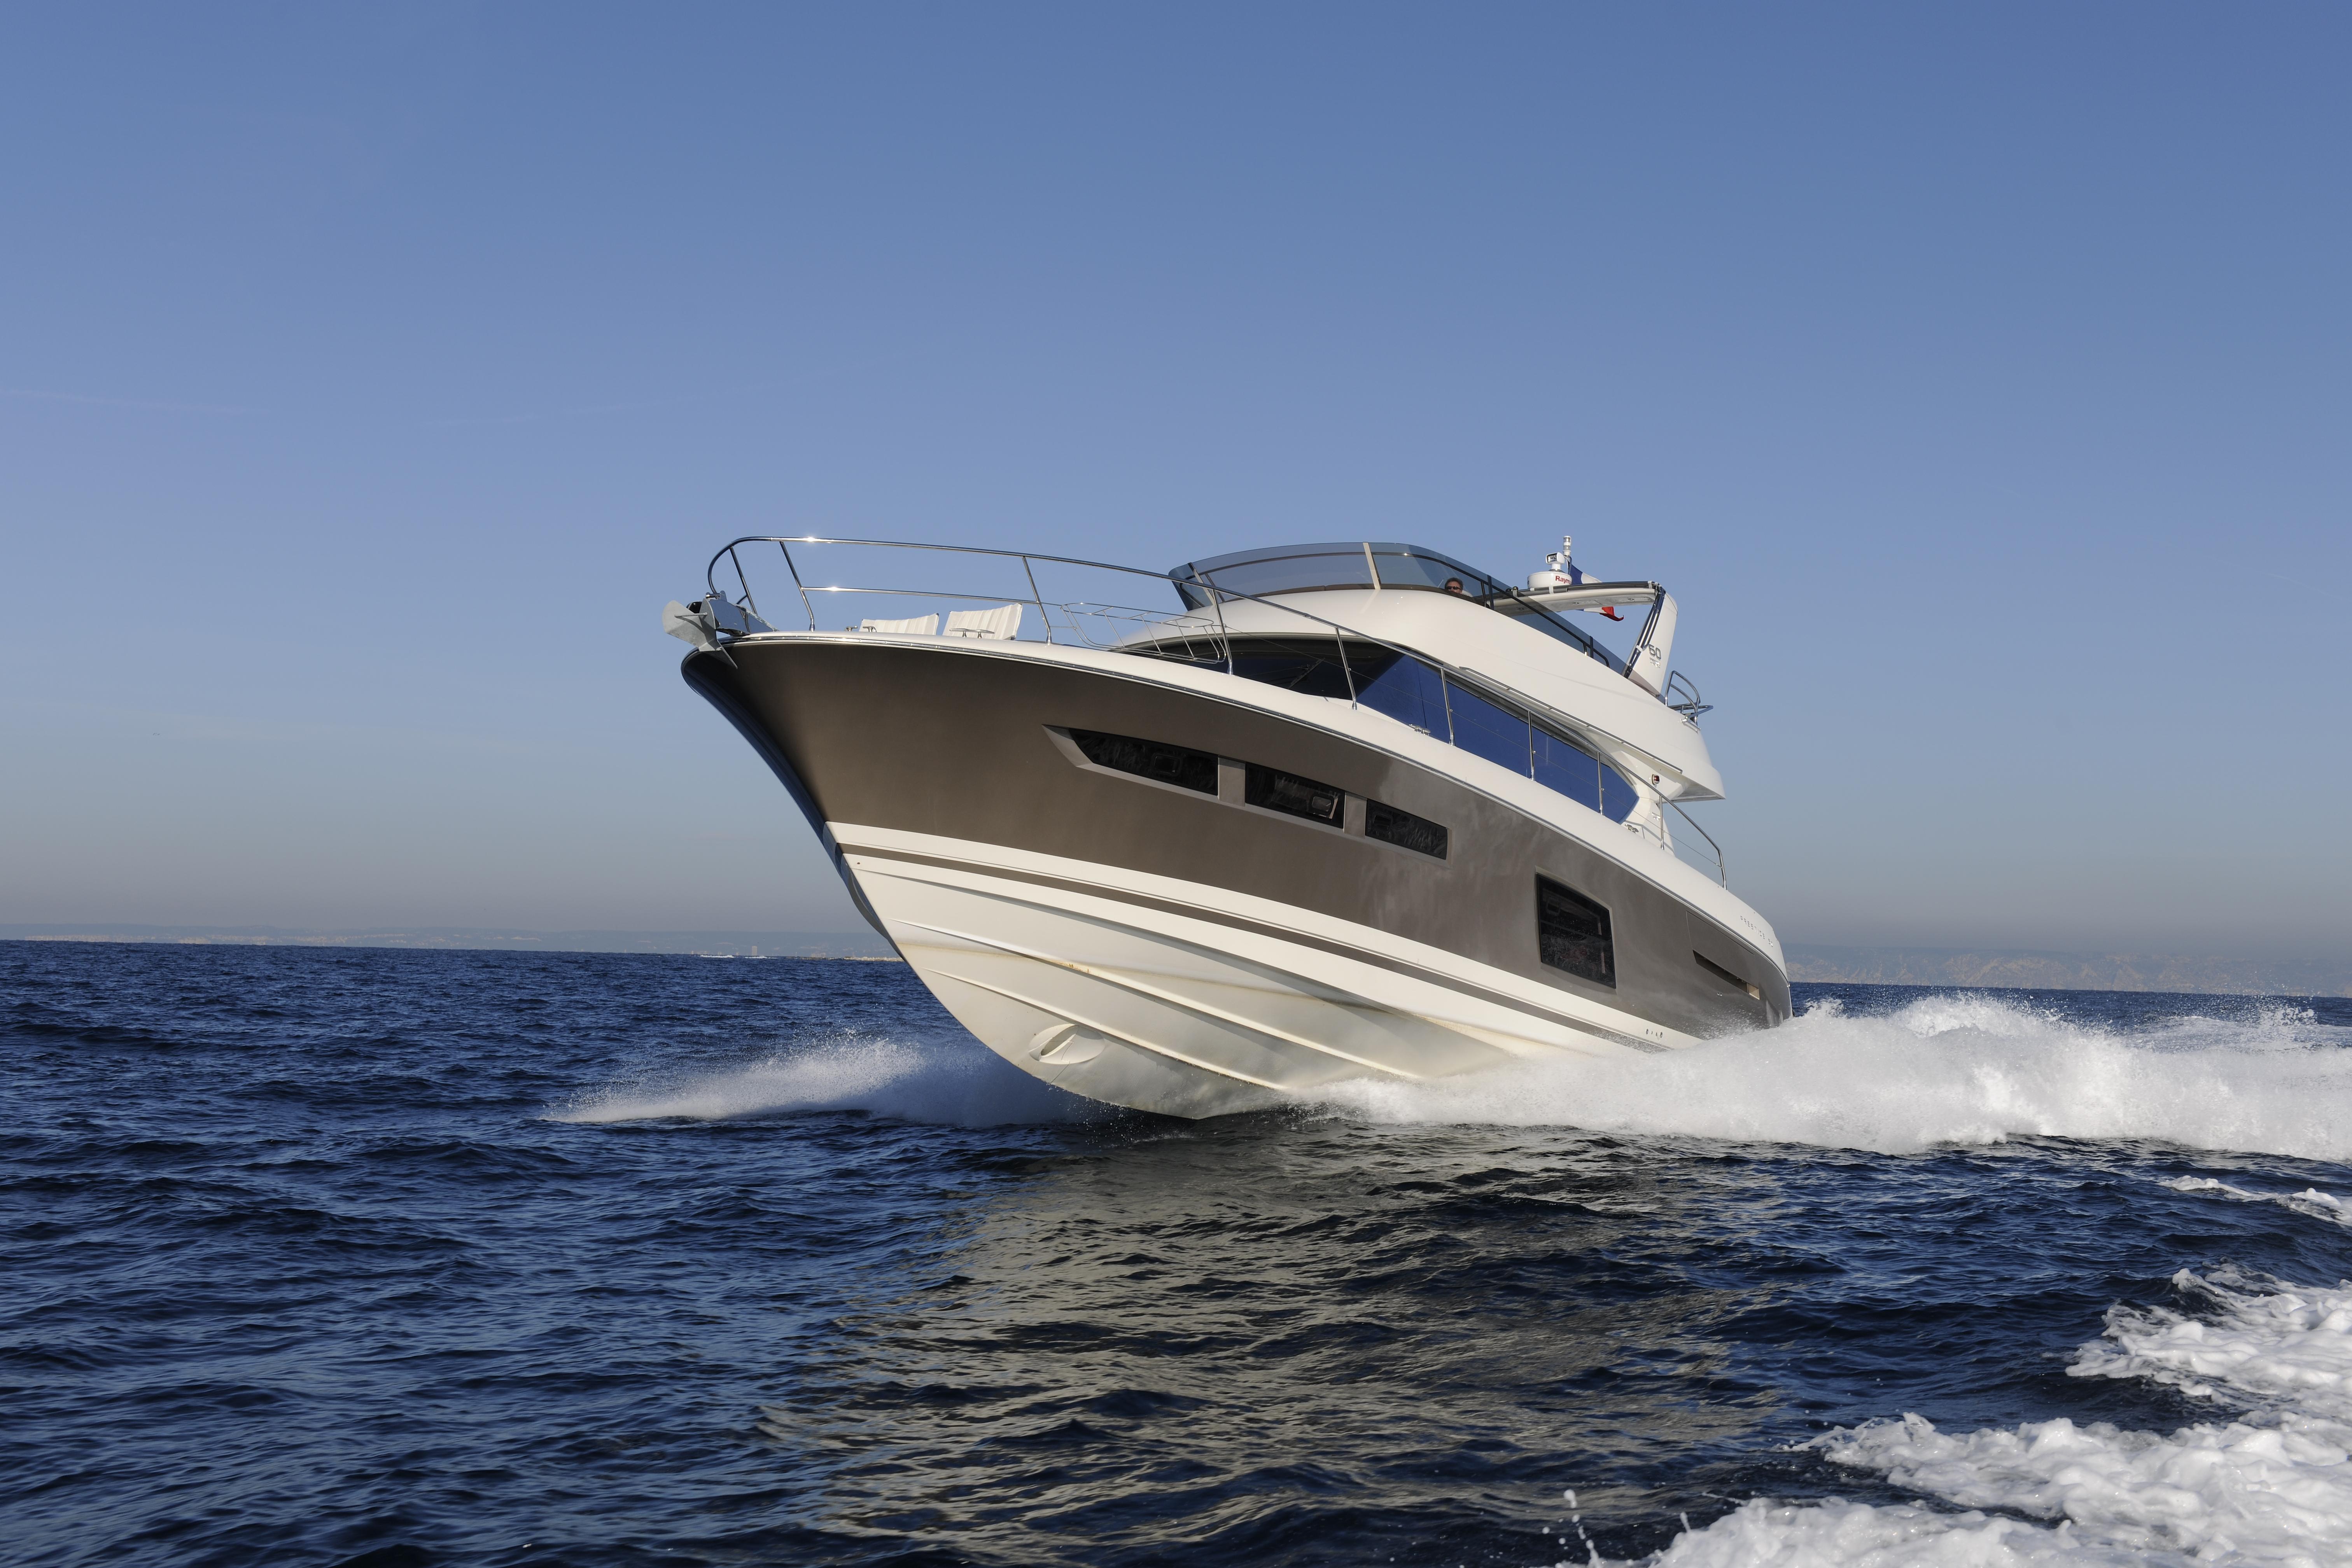 Jeanneau Prestige 60 Boat Report